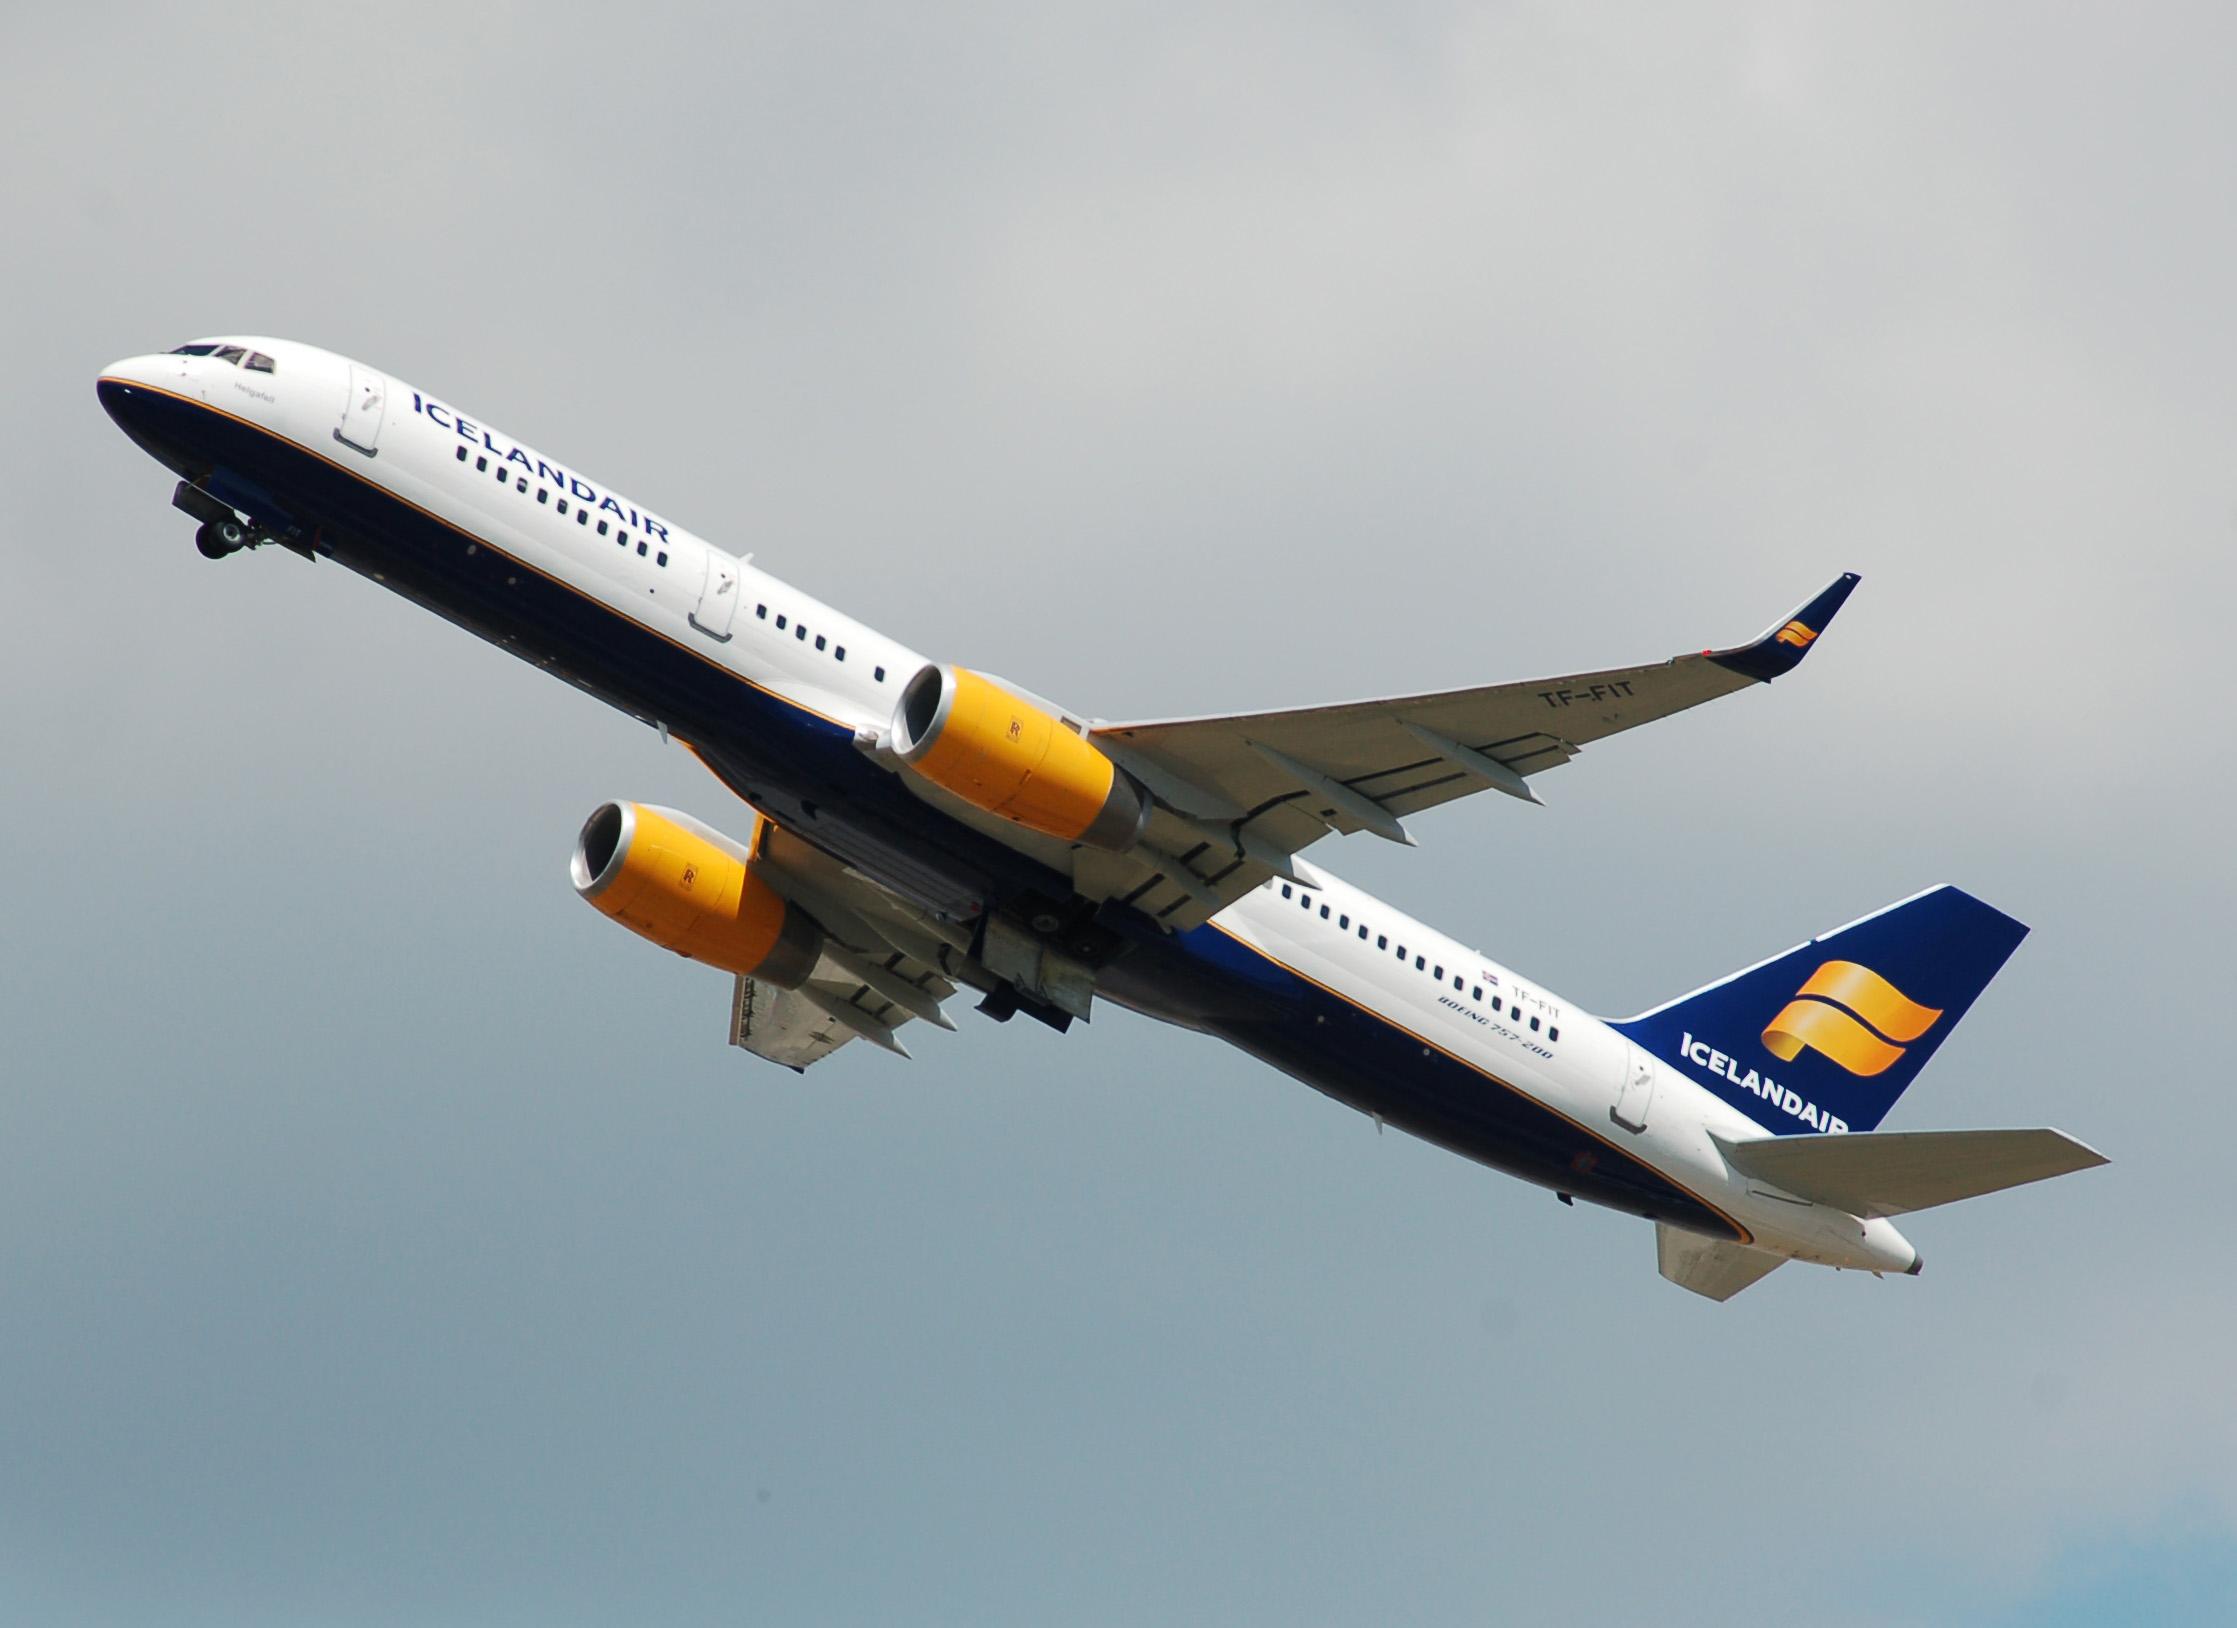 Icelandair_Boeing_757-200_(TK-FIT)_departs_London_Heathrow_Airport_2ndJuly2014_arp